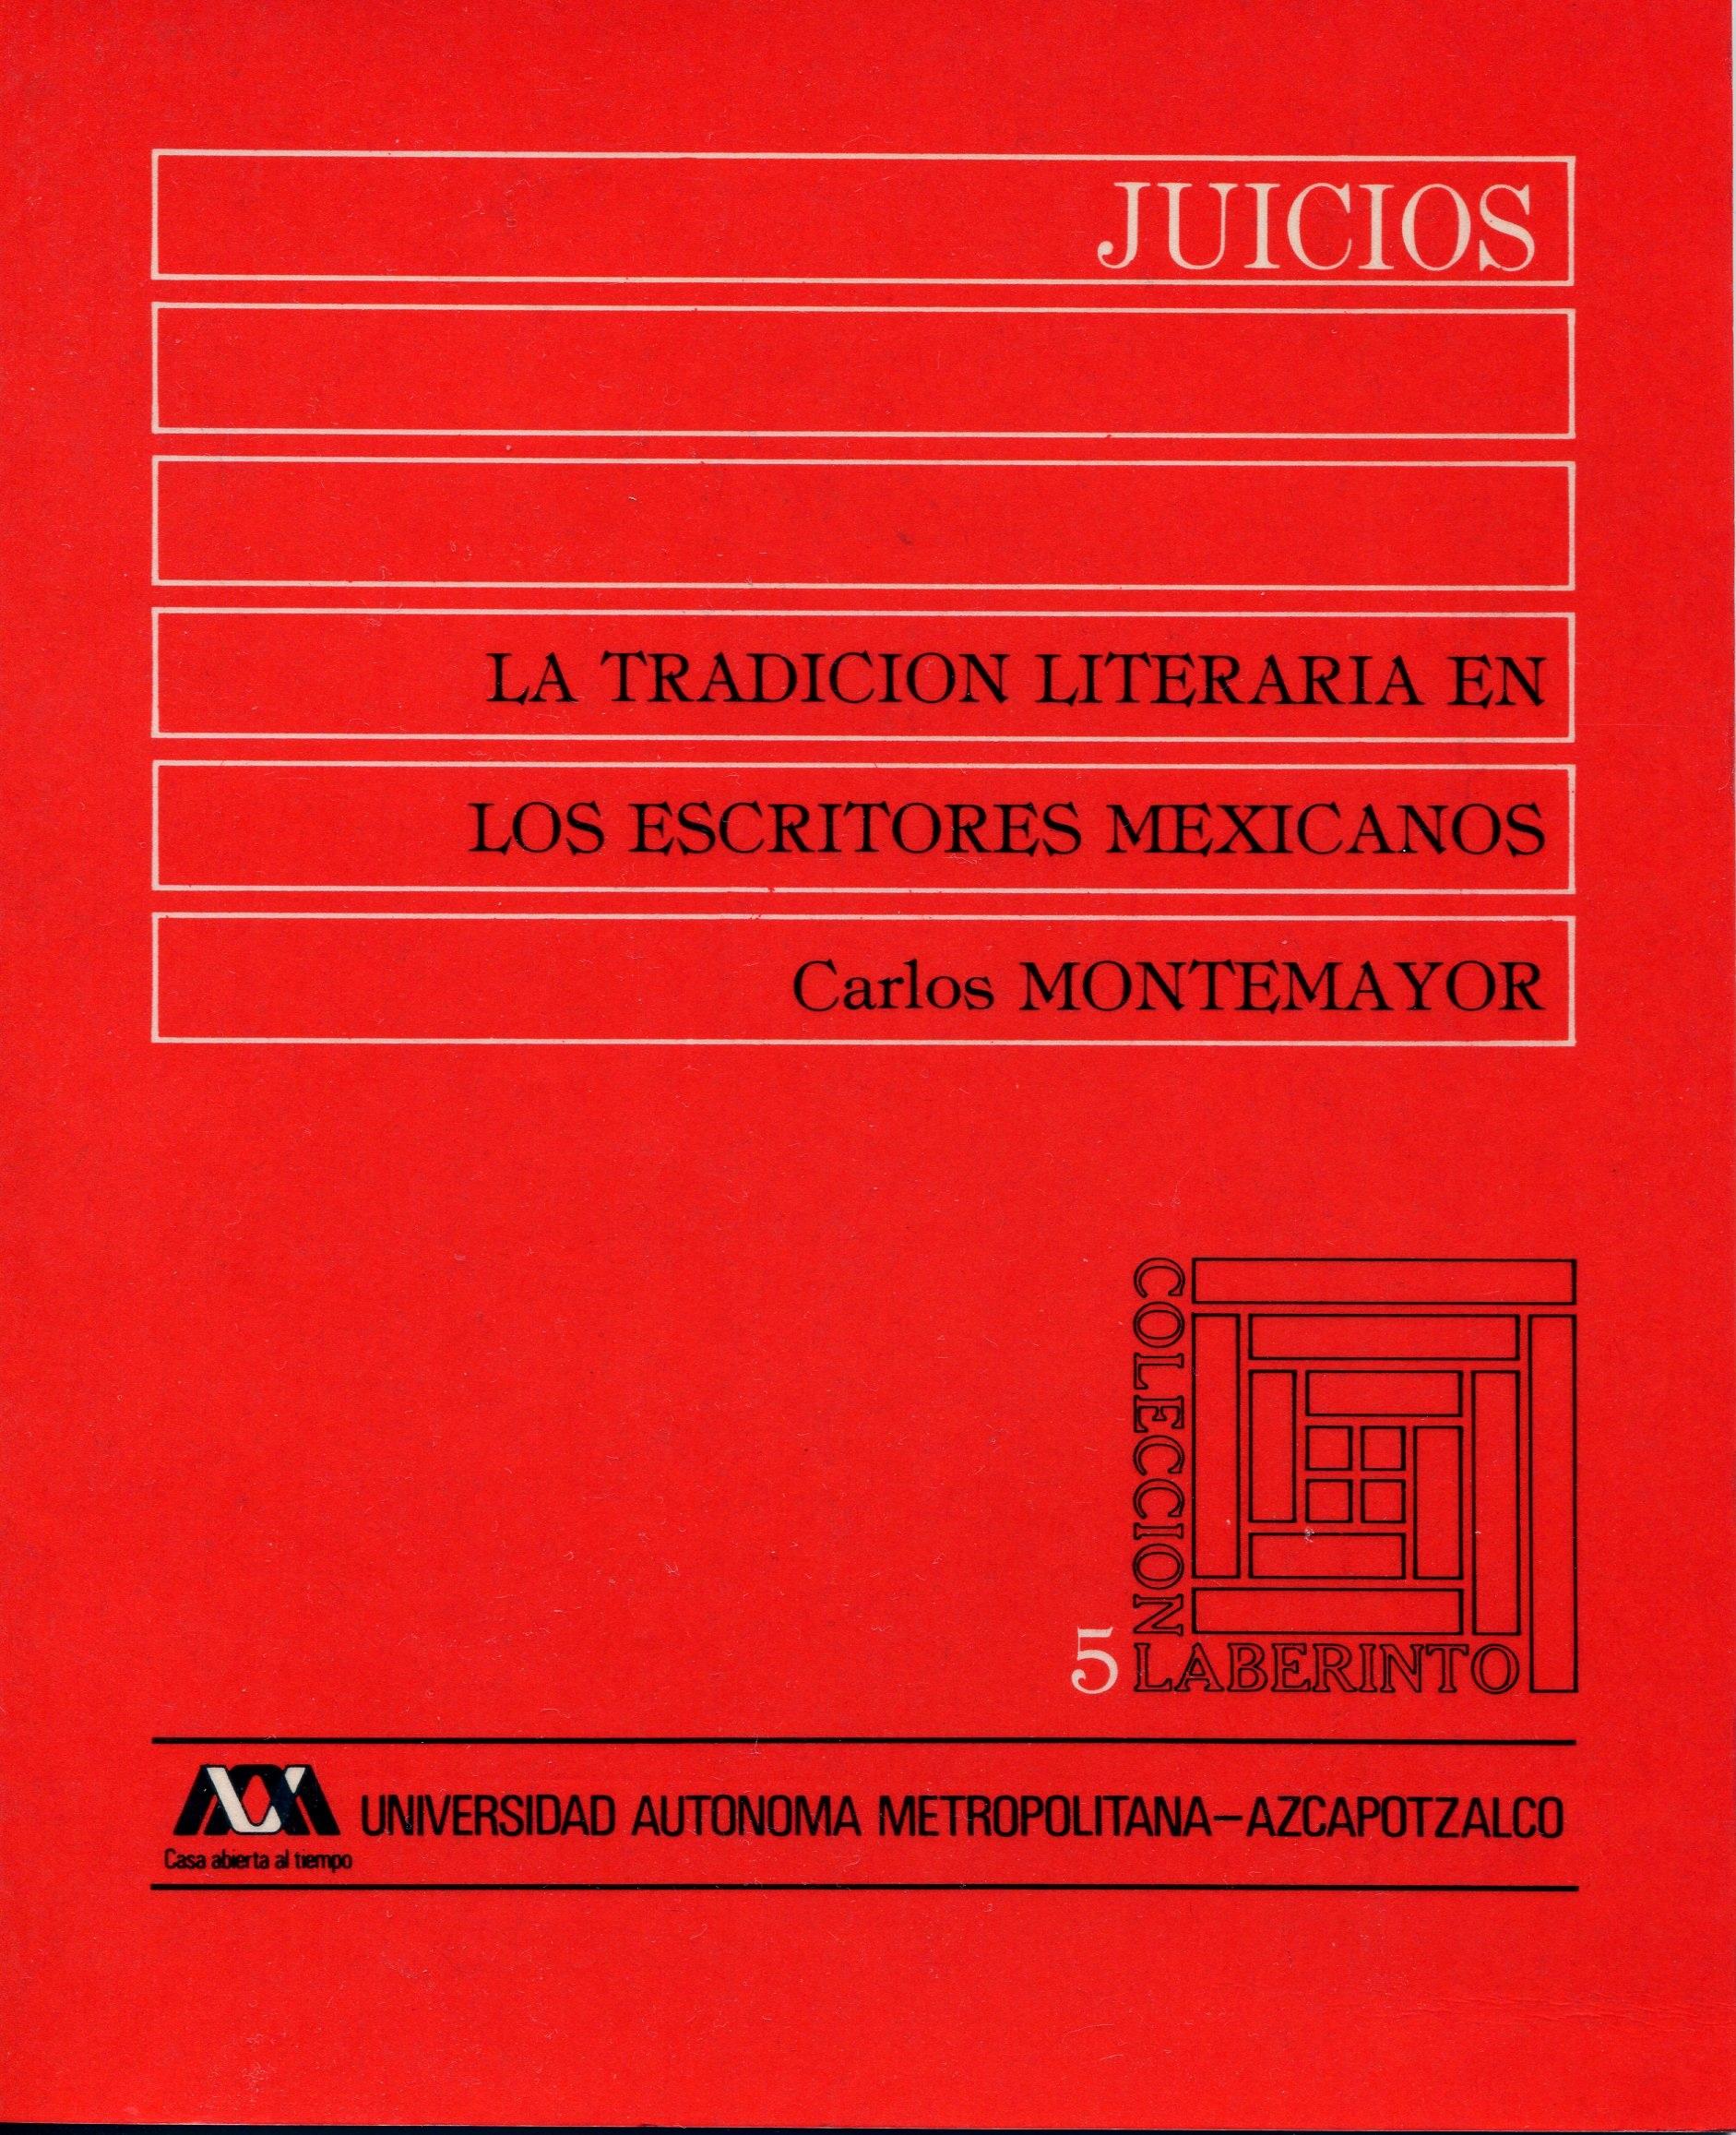 tradicion-literaria-escritores-mexicanos.jpg